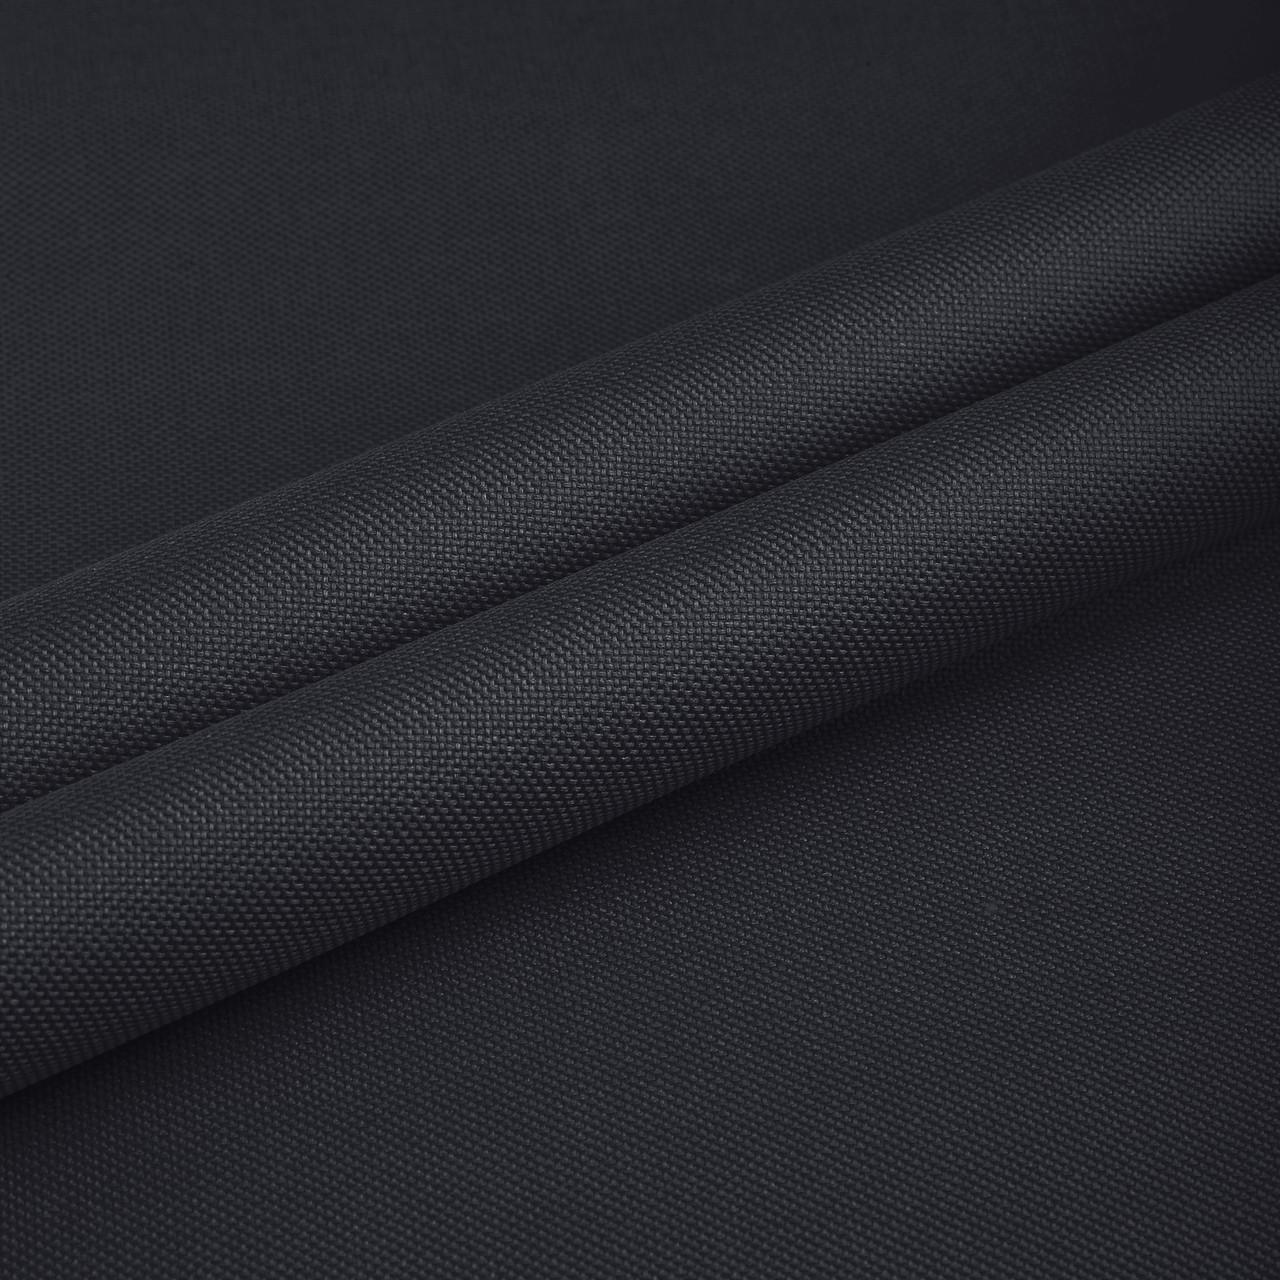 Ткань сумочная оксфорд 600D PE 4x3 Чёрный